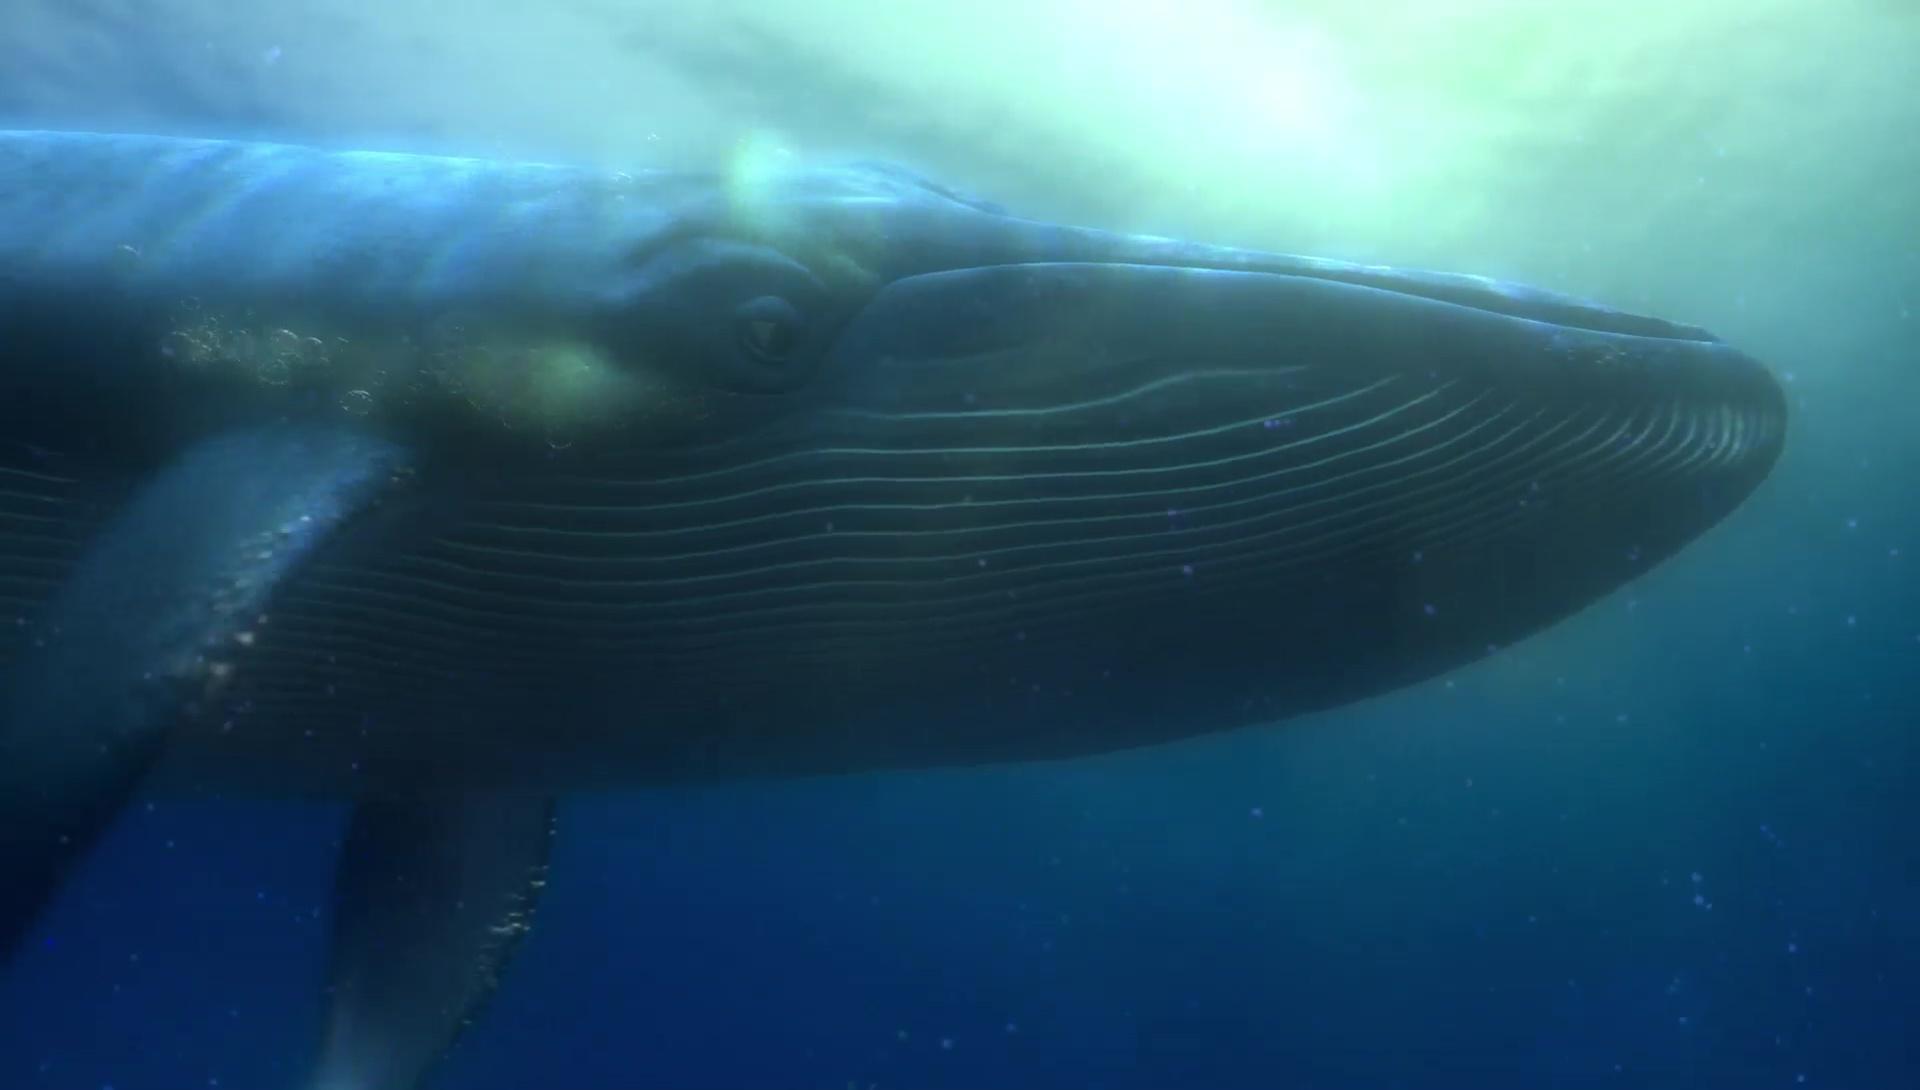 baleine-personnage-dans-le-monde-de-nemo-02